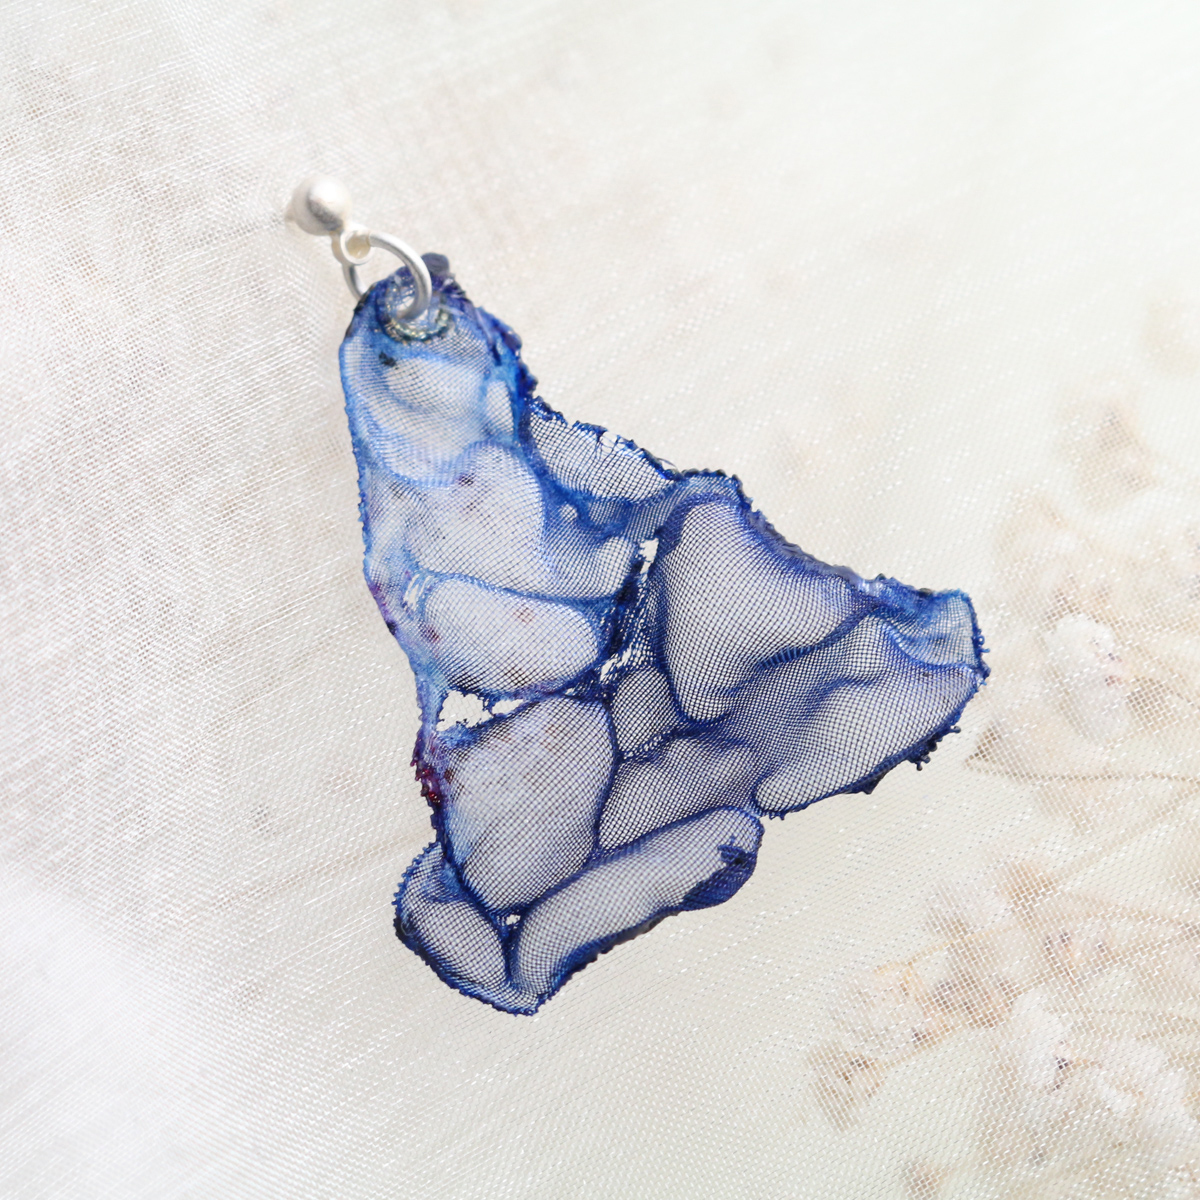 空色さんかく|染めオーガンジーの三角アートピアス